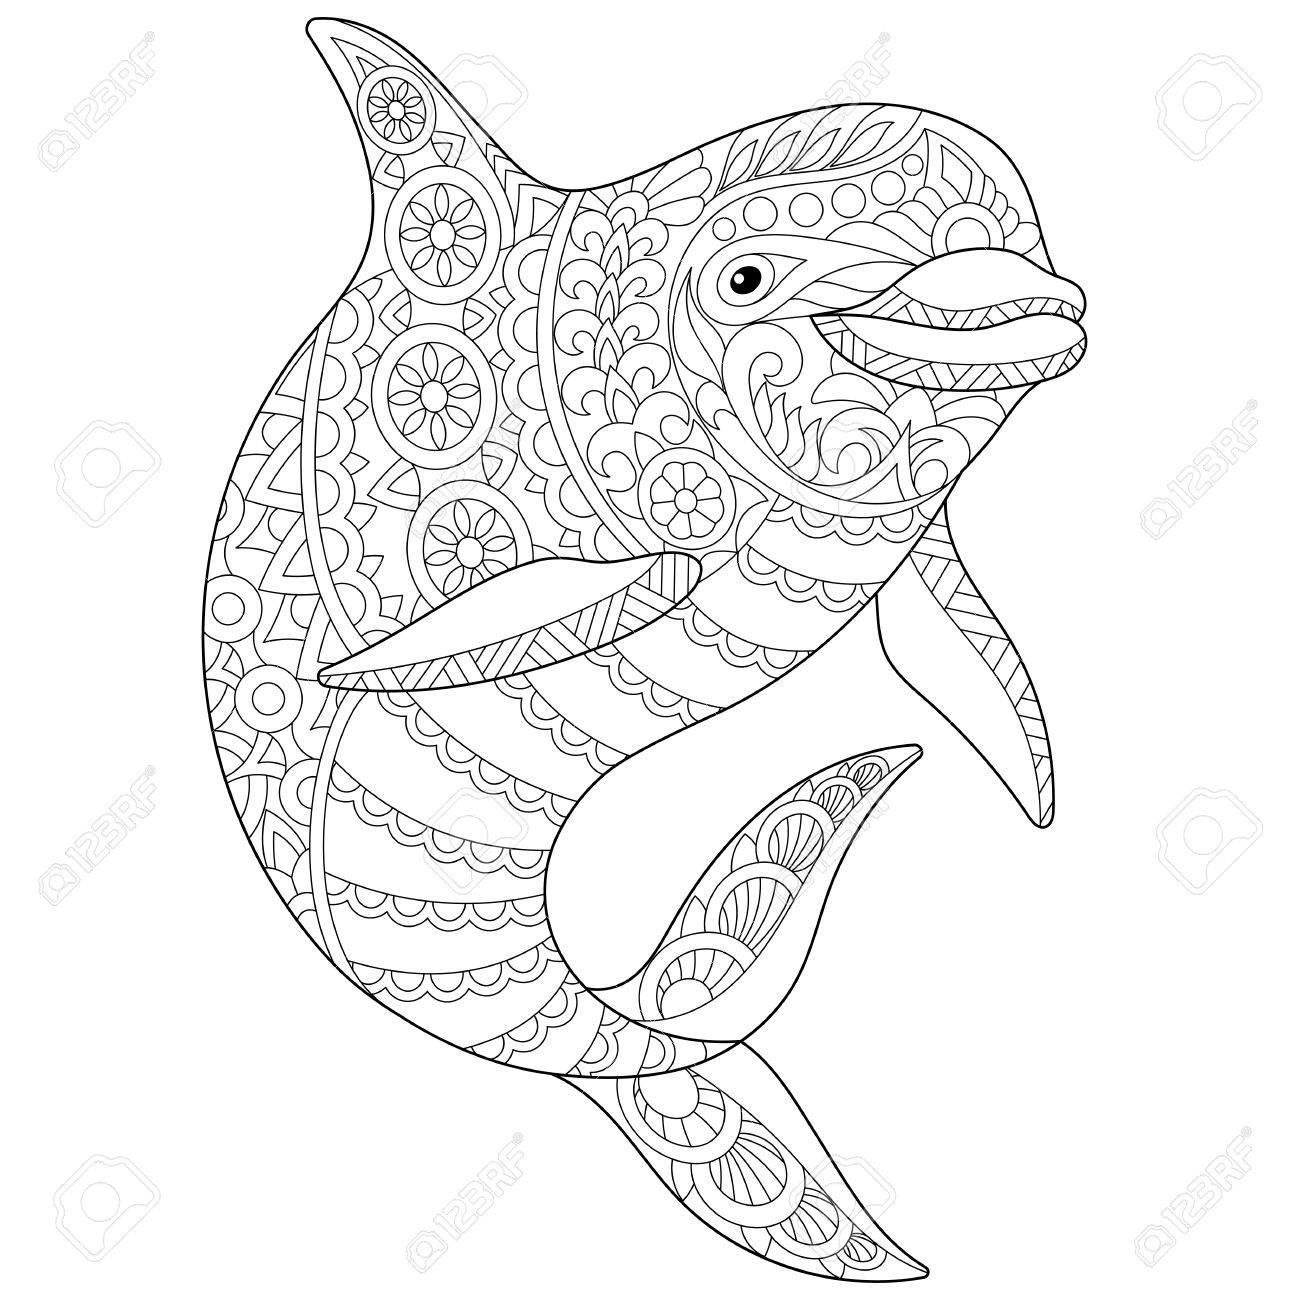 Stilisierte Ozean Delphin Tier Freehand Skizze Für Erwachsene Anti